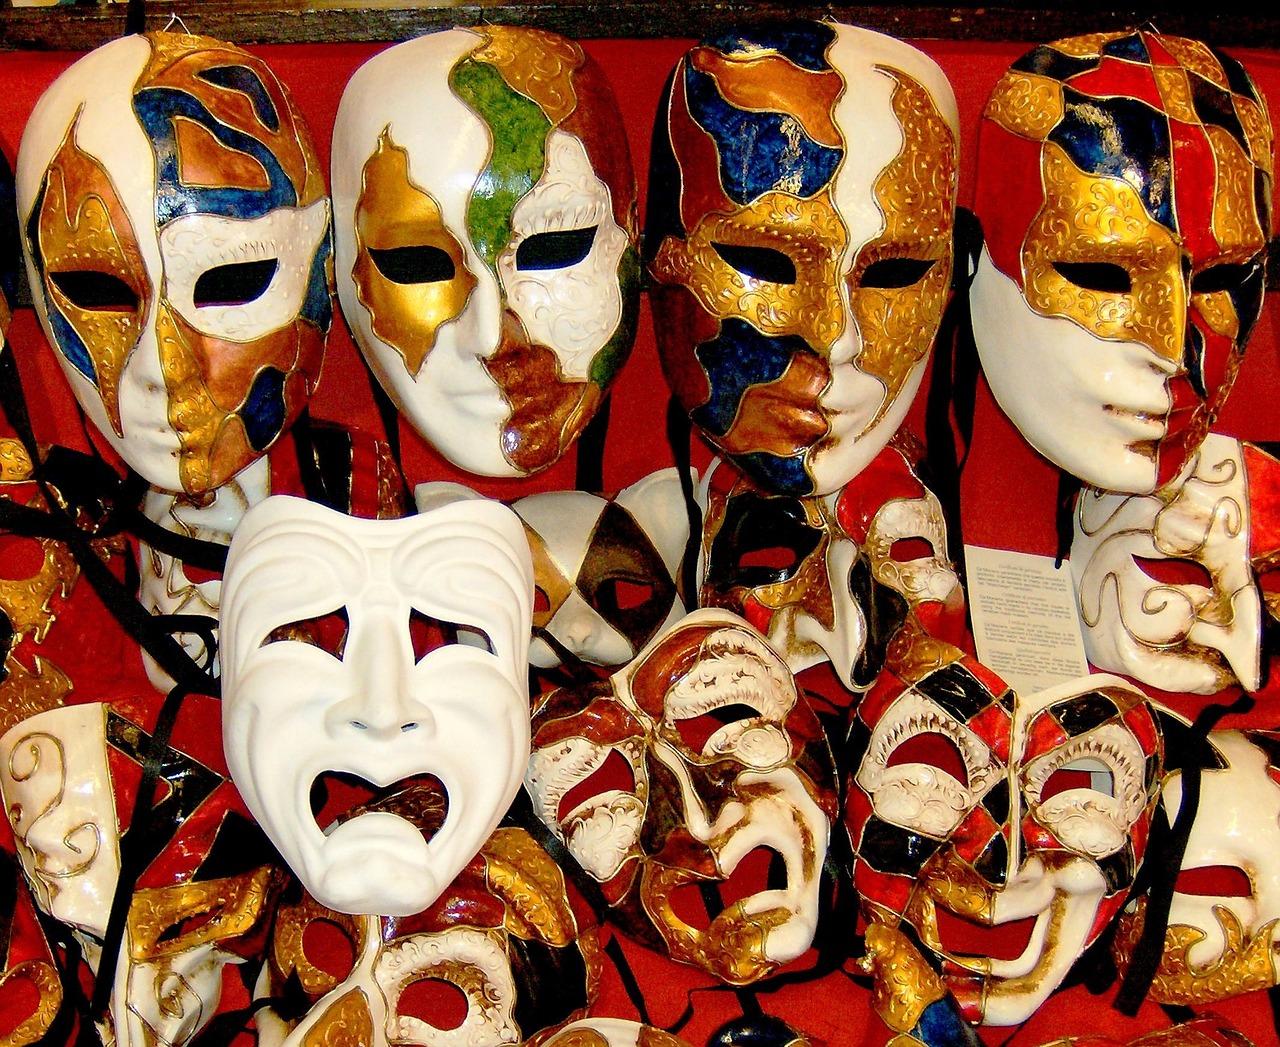 Velencei-Karneval-Maszk-4.jpg